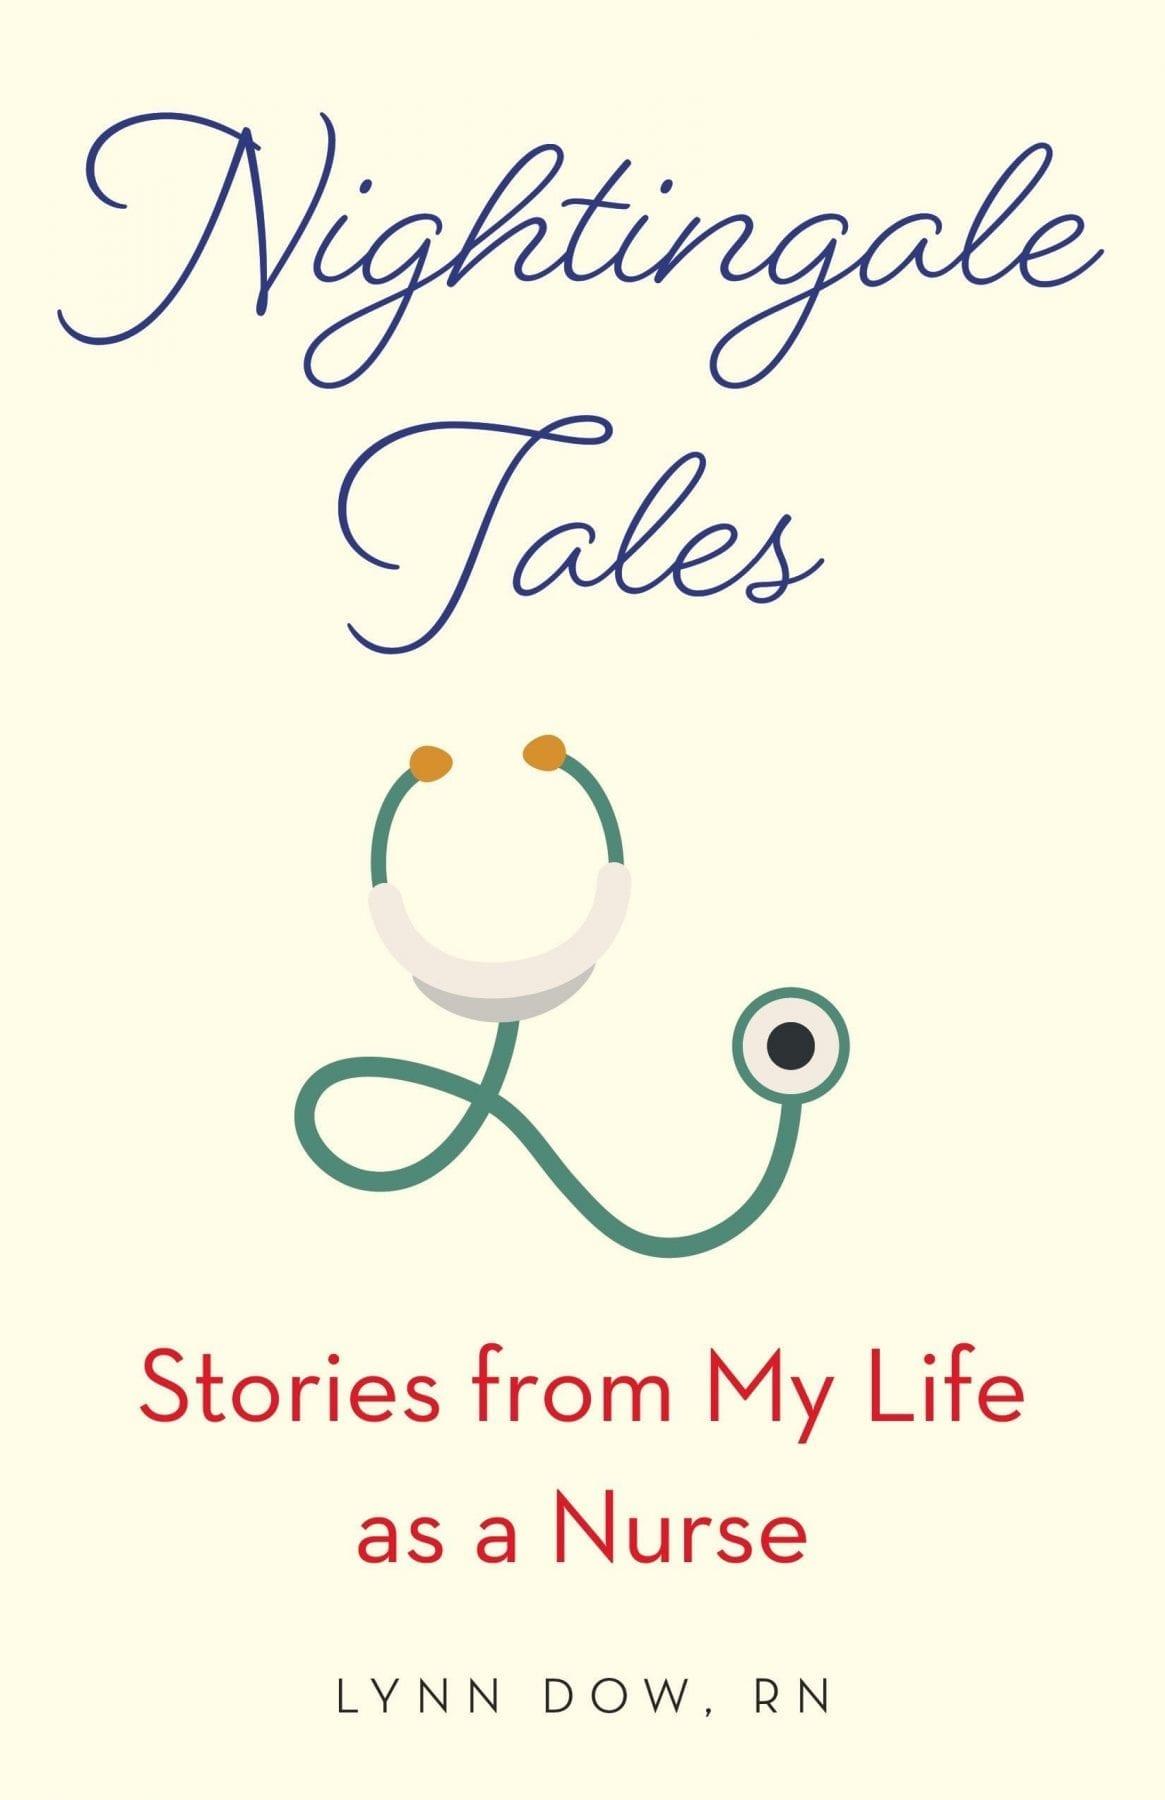 Nightingale Tales by Lynn Dow, RN